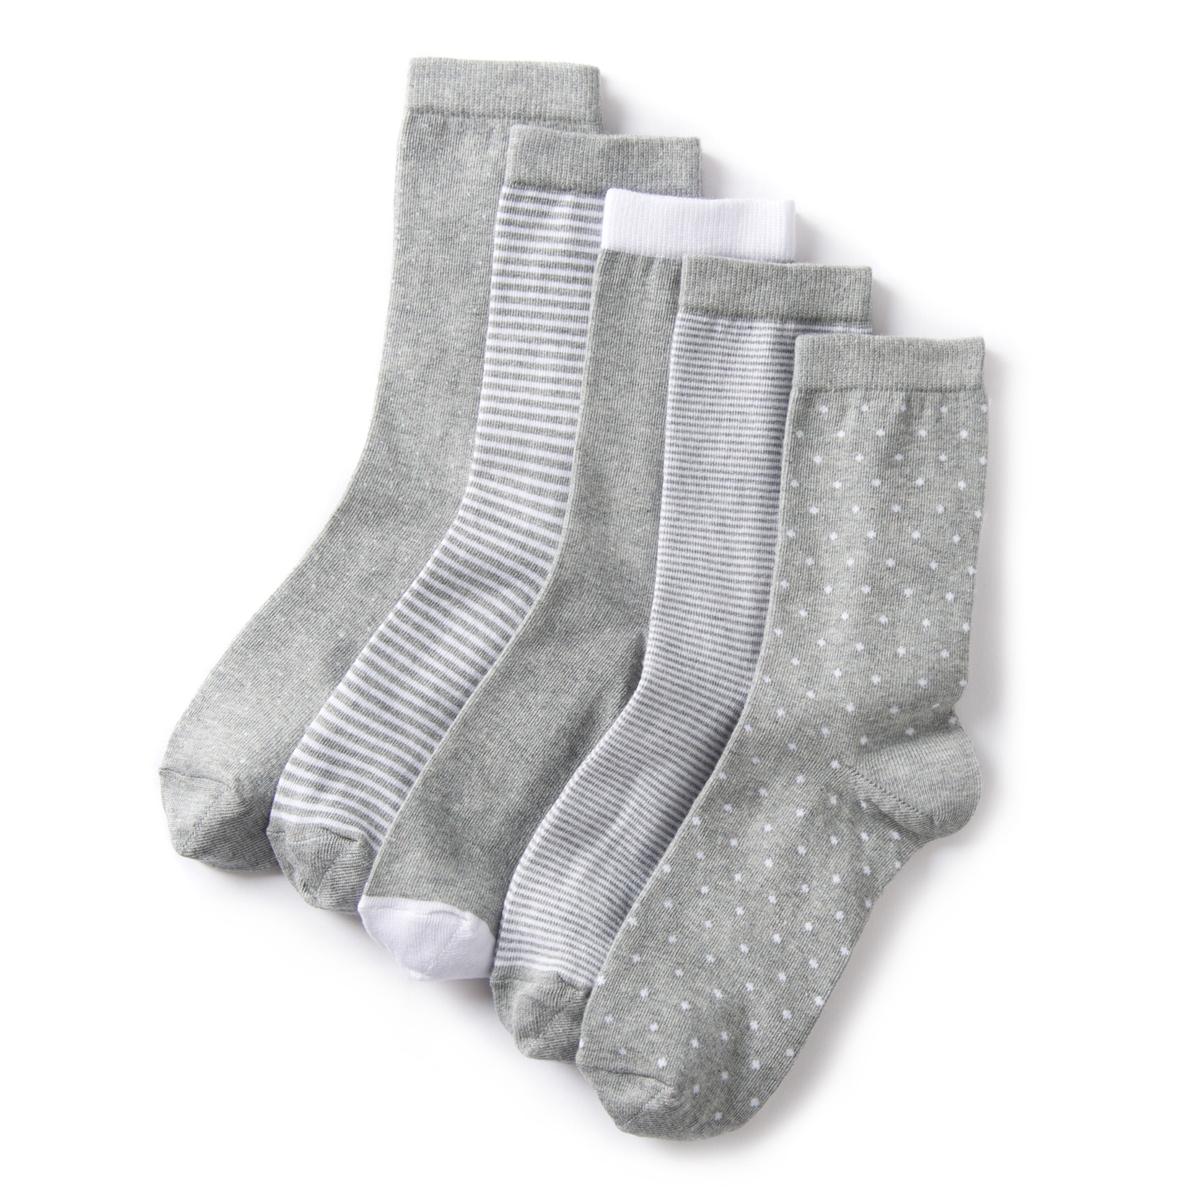 Комплект из 5 коротких оригинальных носковКомплект из 5 коротких оригинальных носков с геометрическим рисункомДлина .ДеталиХарактеристики • 5 пар с геометрическим рисунком. • Длина короткая.Состав &amp; Уход • В полоску :  75% хлопка, 24% полиамида, 1% эластана • Однотонные : 71% хлопка, 28% полиамида, 1% эластана • В горошек : 73% хлопка, 26% полиамида, 1% эластана • Машинная стирка при температуре 30°, умеренный режим • Стирать с похожими цветами<br><br>Цвет: серый/ белый<br>Размер: 35/37